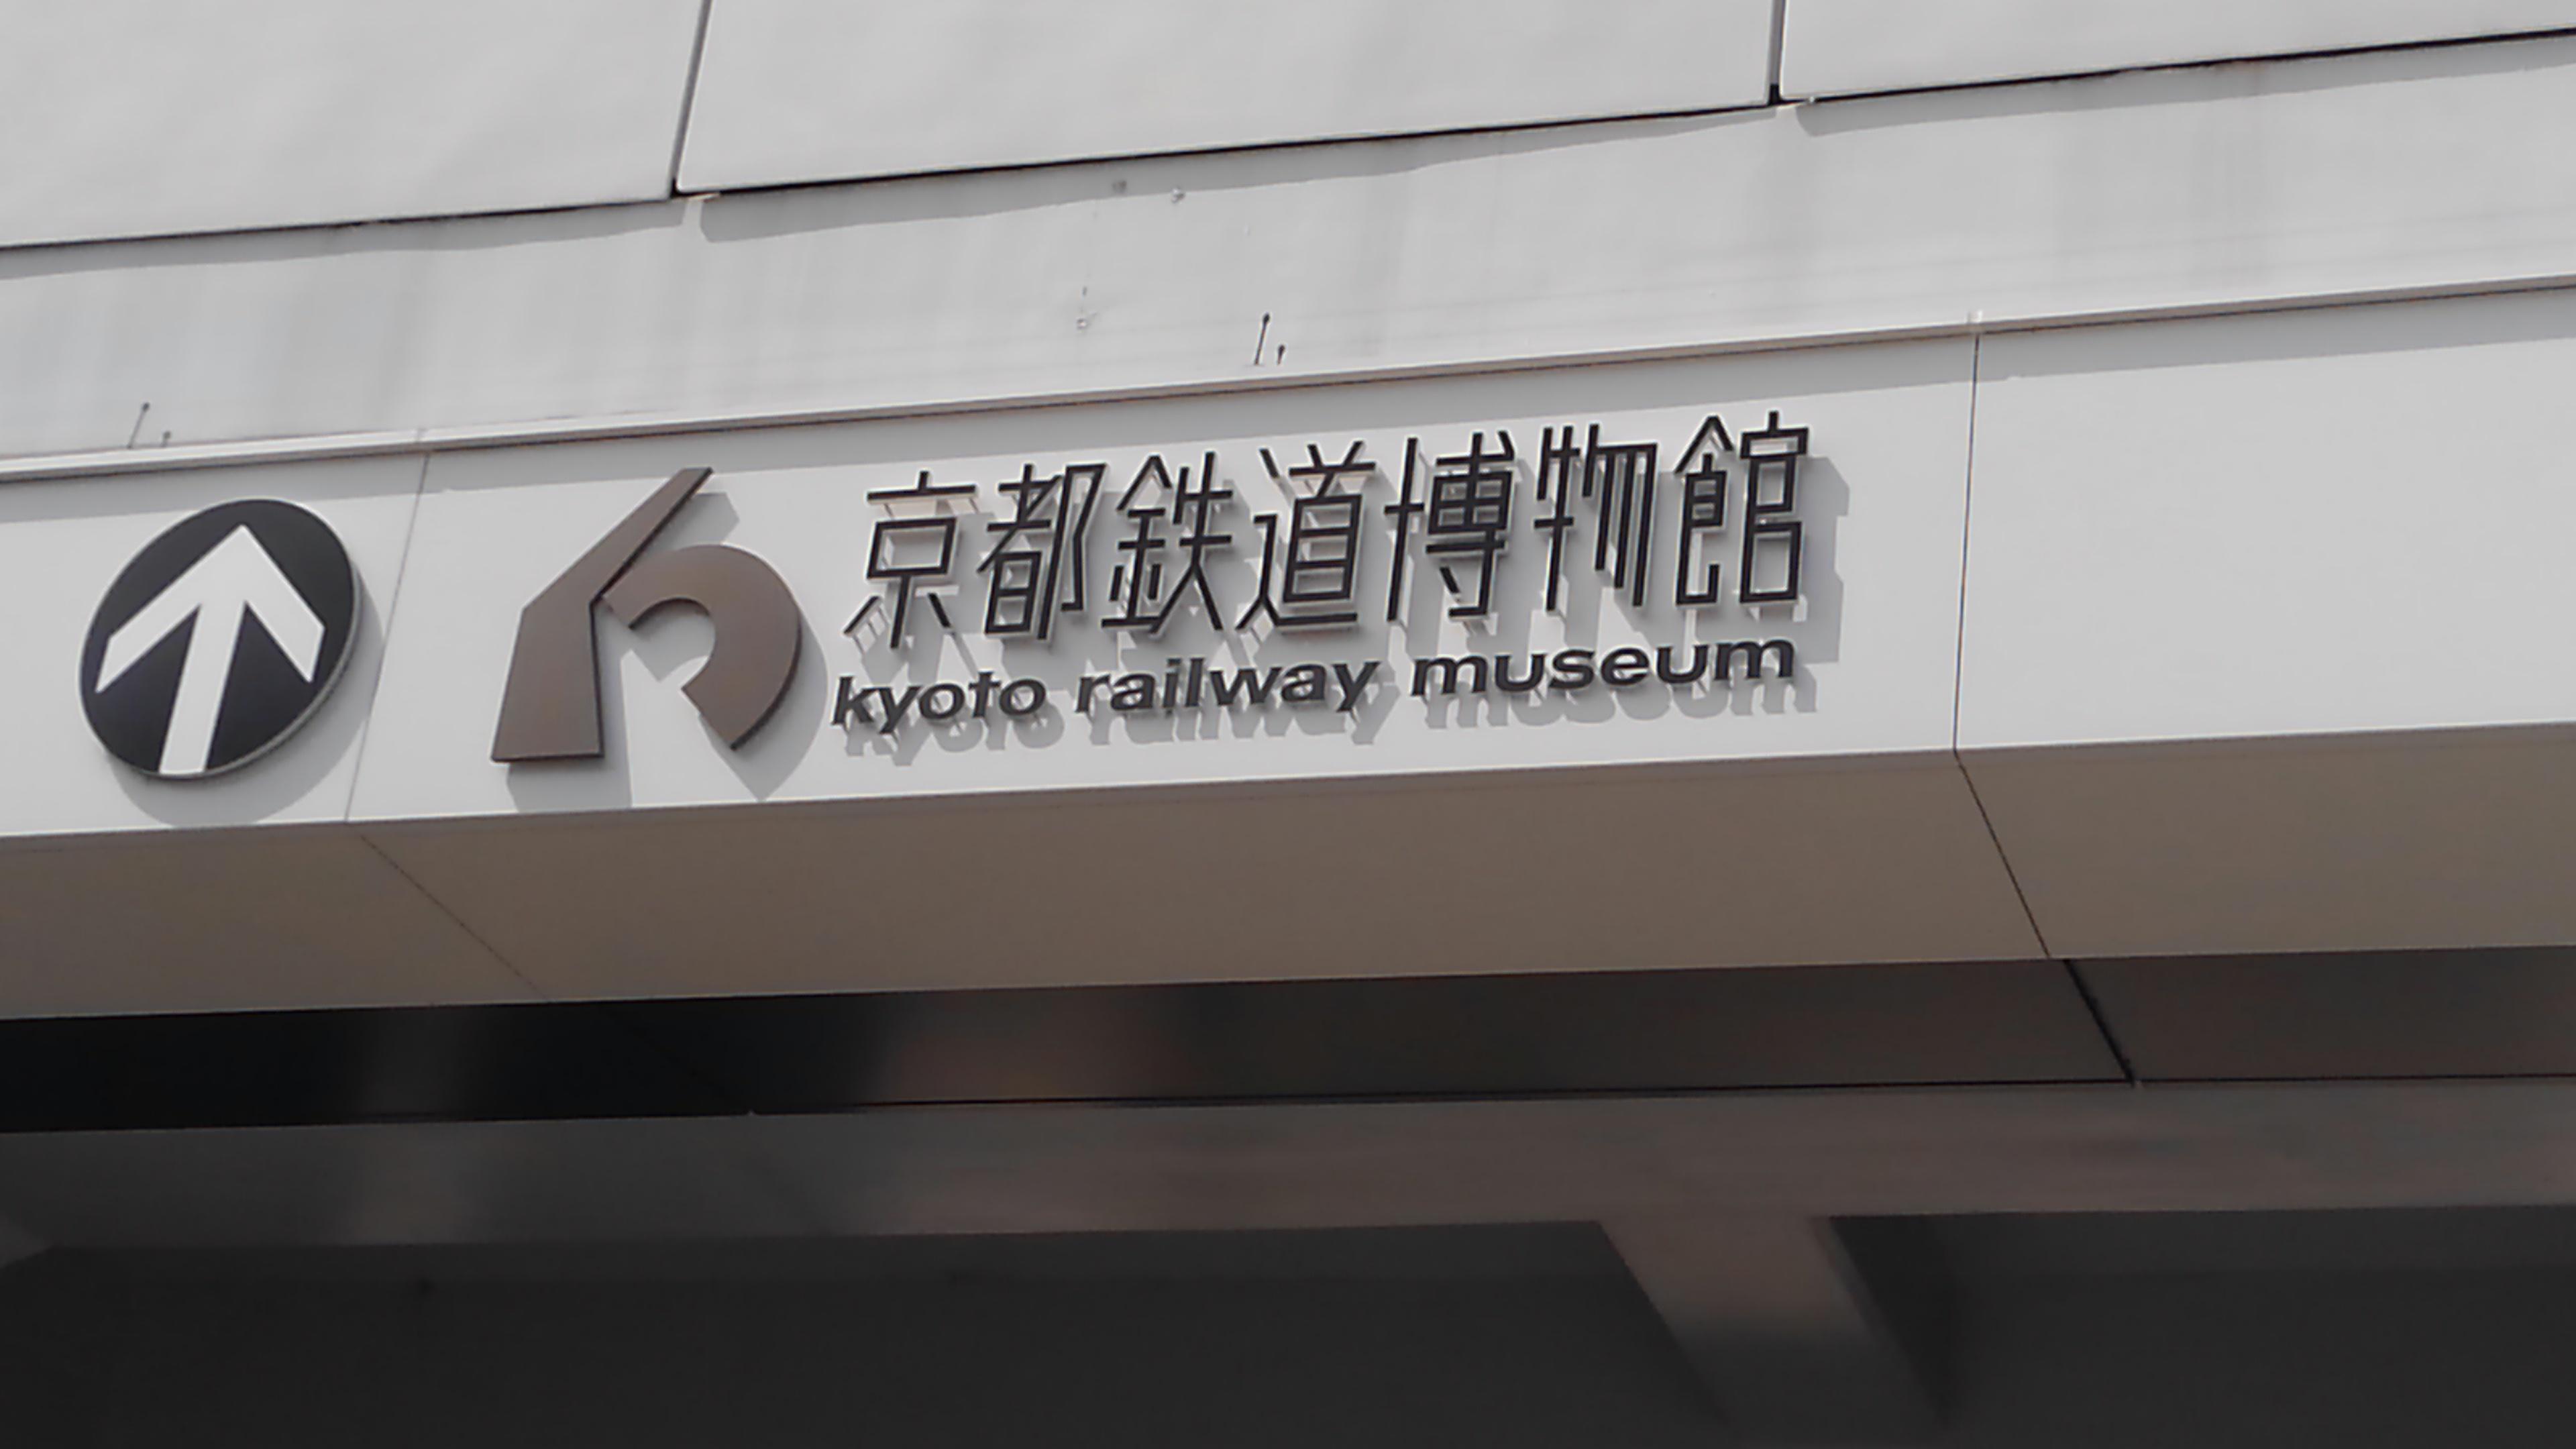 京都鉄道博物館で春の遠足を楽しみました❗